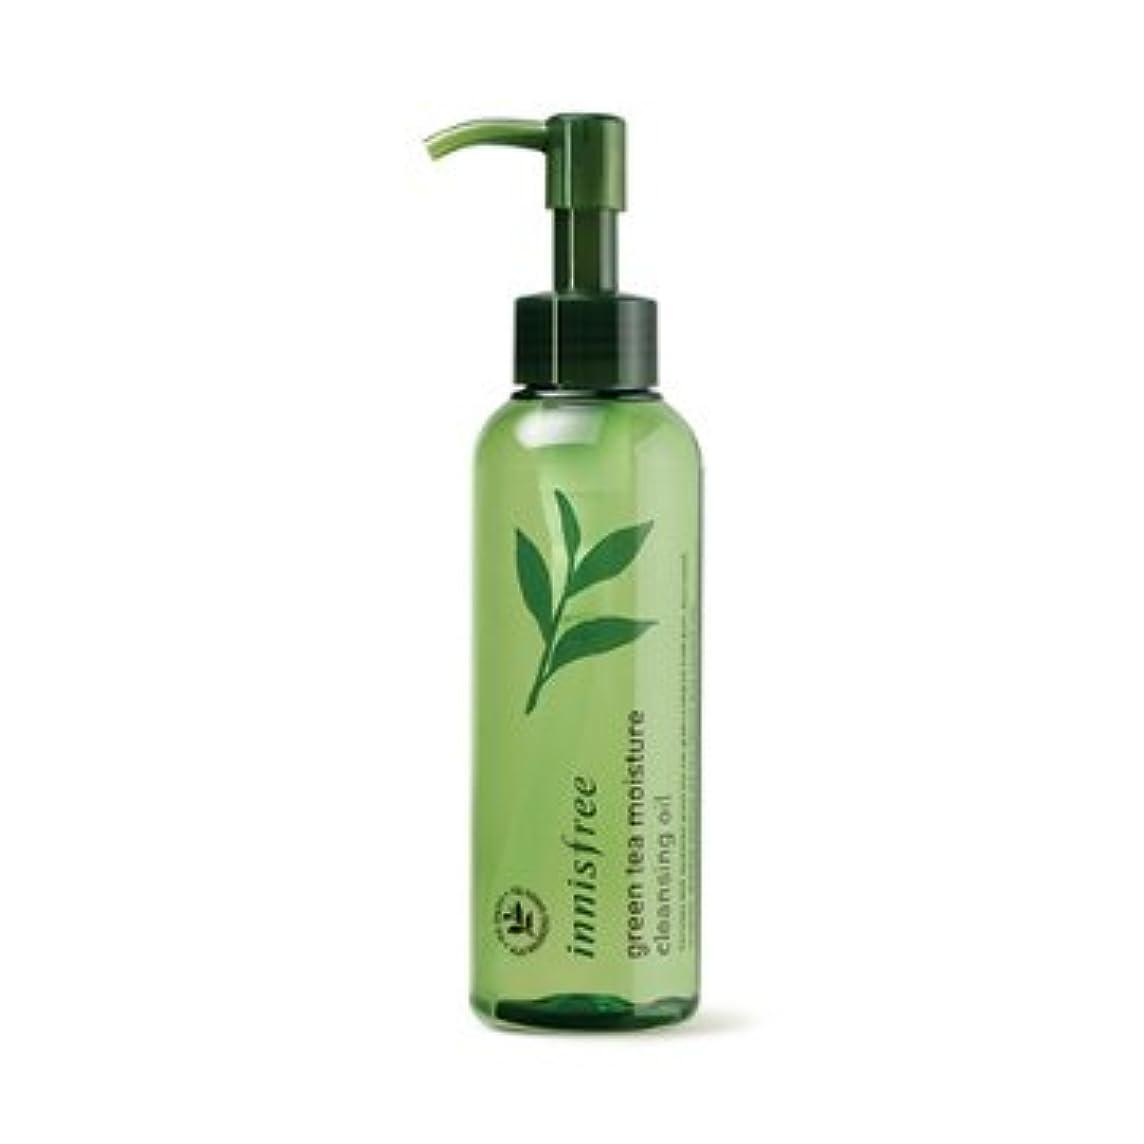 インク同一の中国【イニスフリー】Innisfree green tea moisture cleansing oil - 150ml (韓国直送品) (SHOPPINGINSTAGRAM)